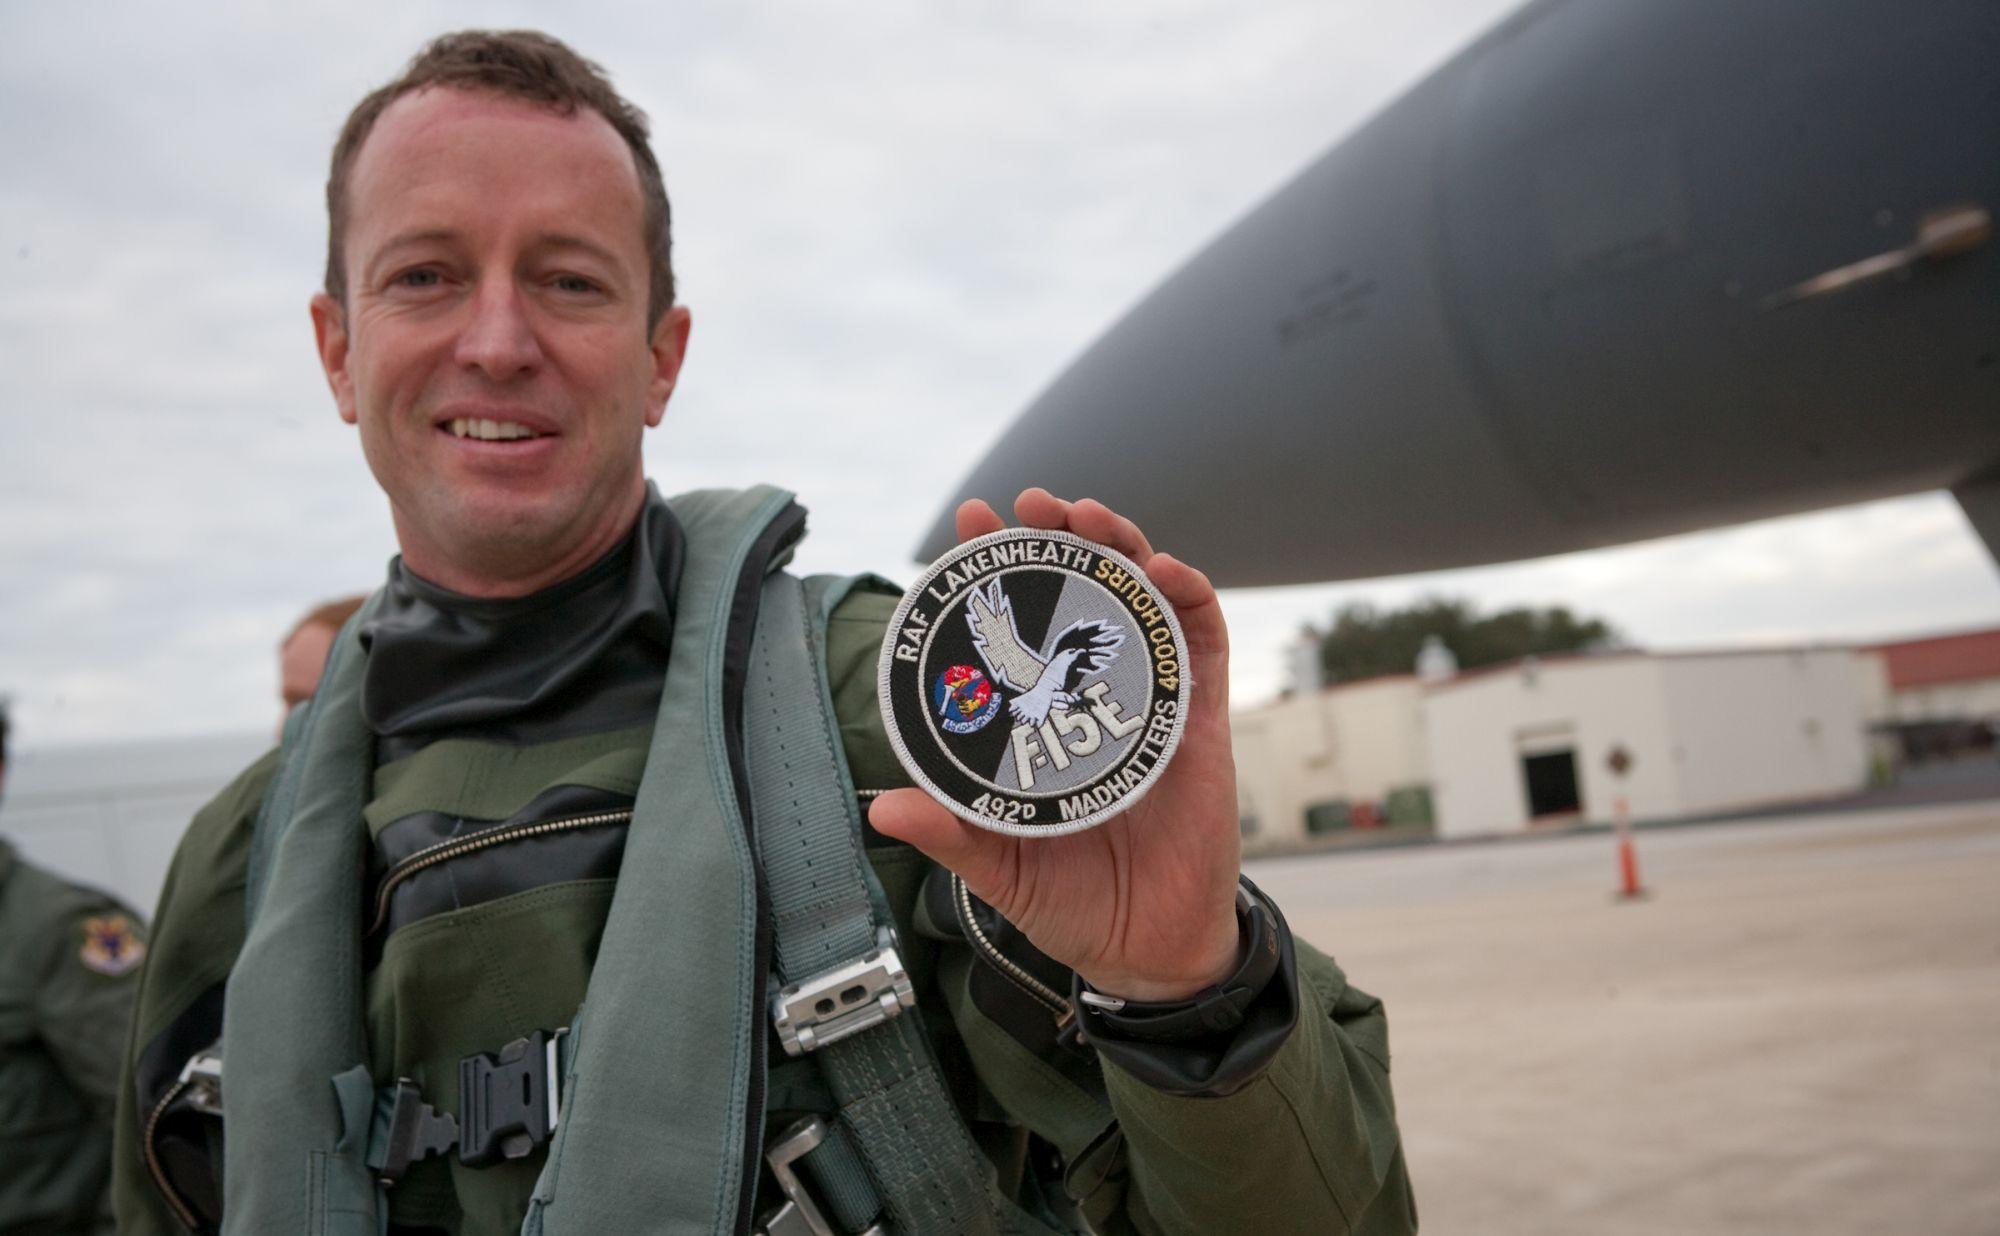 Podpułkownik David Iverson, ówczesny dowódca 492. Eskadry Myśliwskiej, chwali się pamiątkową naszywką za 4000 godzin nalotu na F-15 (fot. US Air Force / Boeing / Lance Cheung)